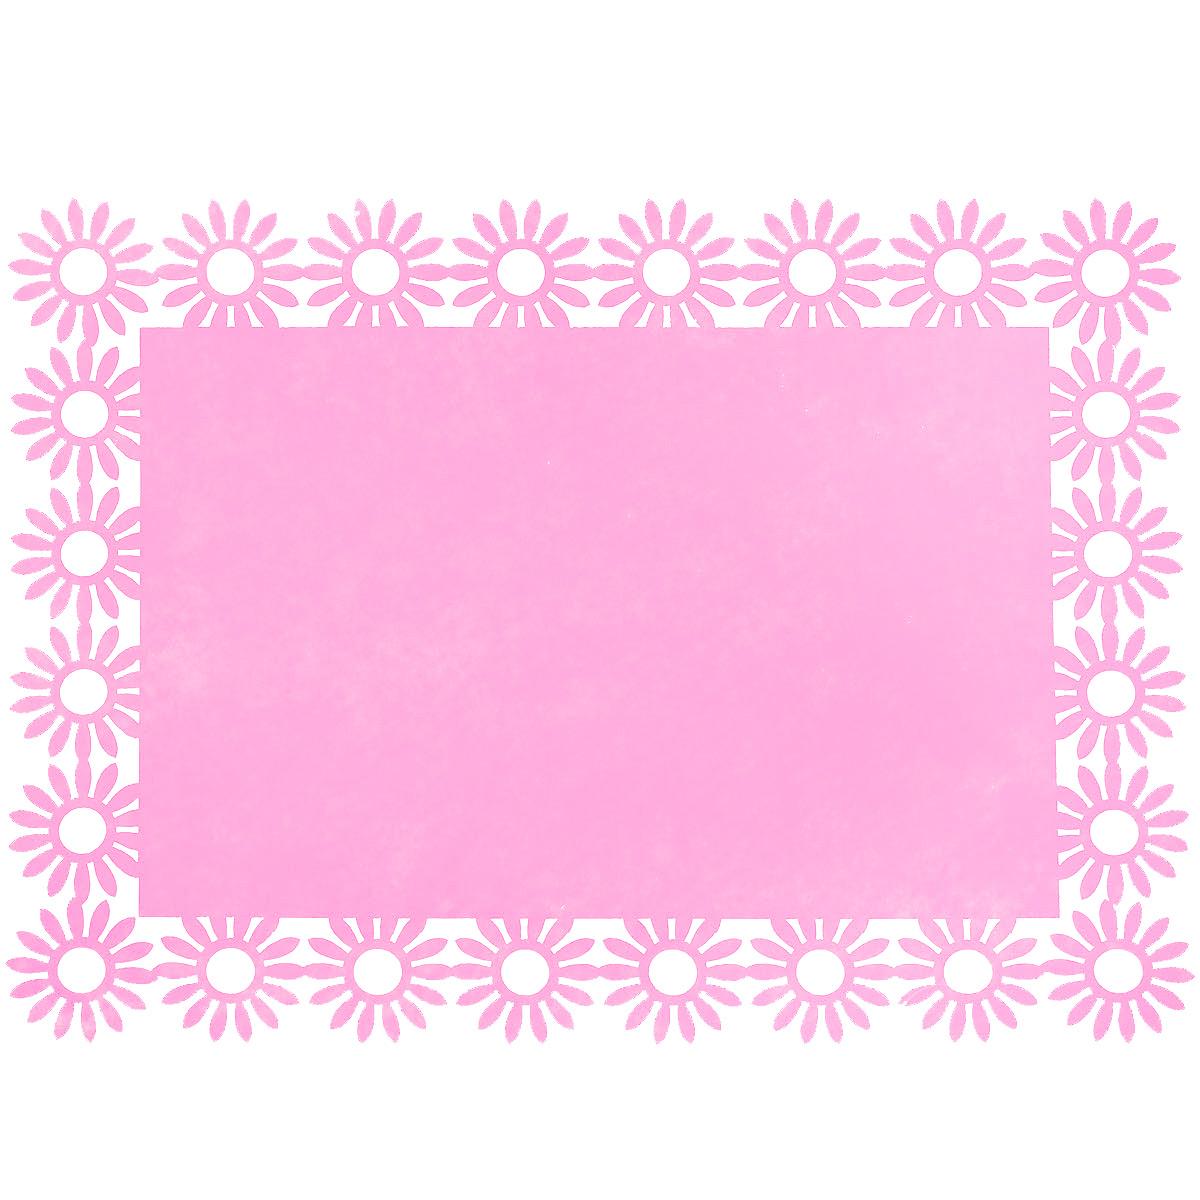 Салфетка Home Queen Веселый праздник, цвет: розовый, 30 х 40 см66843_4Прямоугольная салфетка Home Queen Веселый праздник выполнена из фетра и имеет красивую перфорацию по краям. Вы можете использовать салфетку для декорирования стола, комода, журнального столика. В любом случае она добавит в ваш дом стиля, изысканности и неповторимости и убережет мебель от царапин и потертостей. Размер салфетки: 30 см х 40 см х 0,2 см.